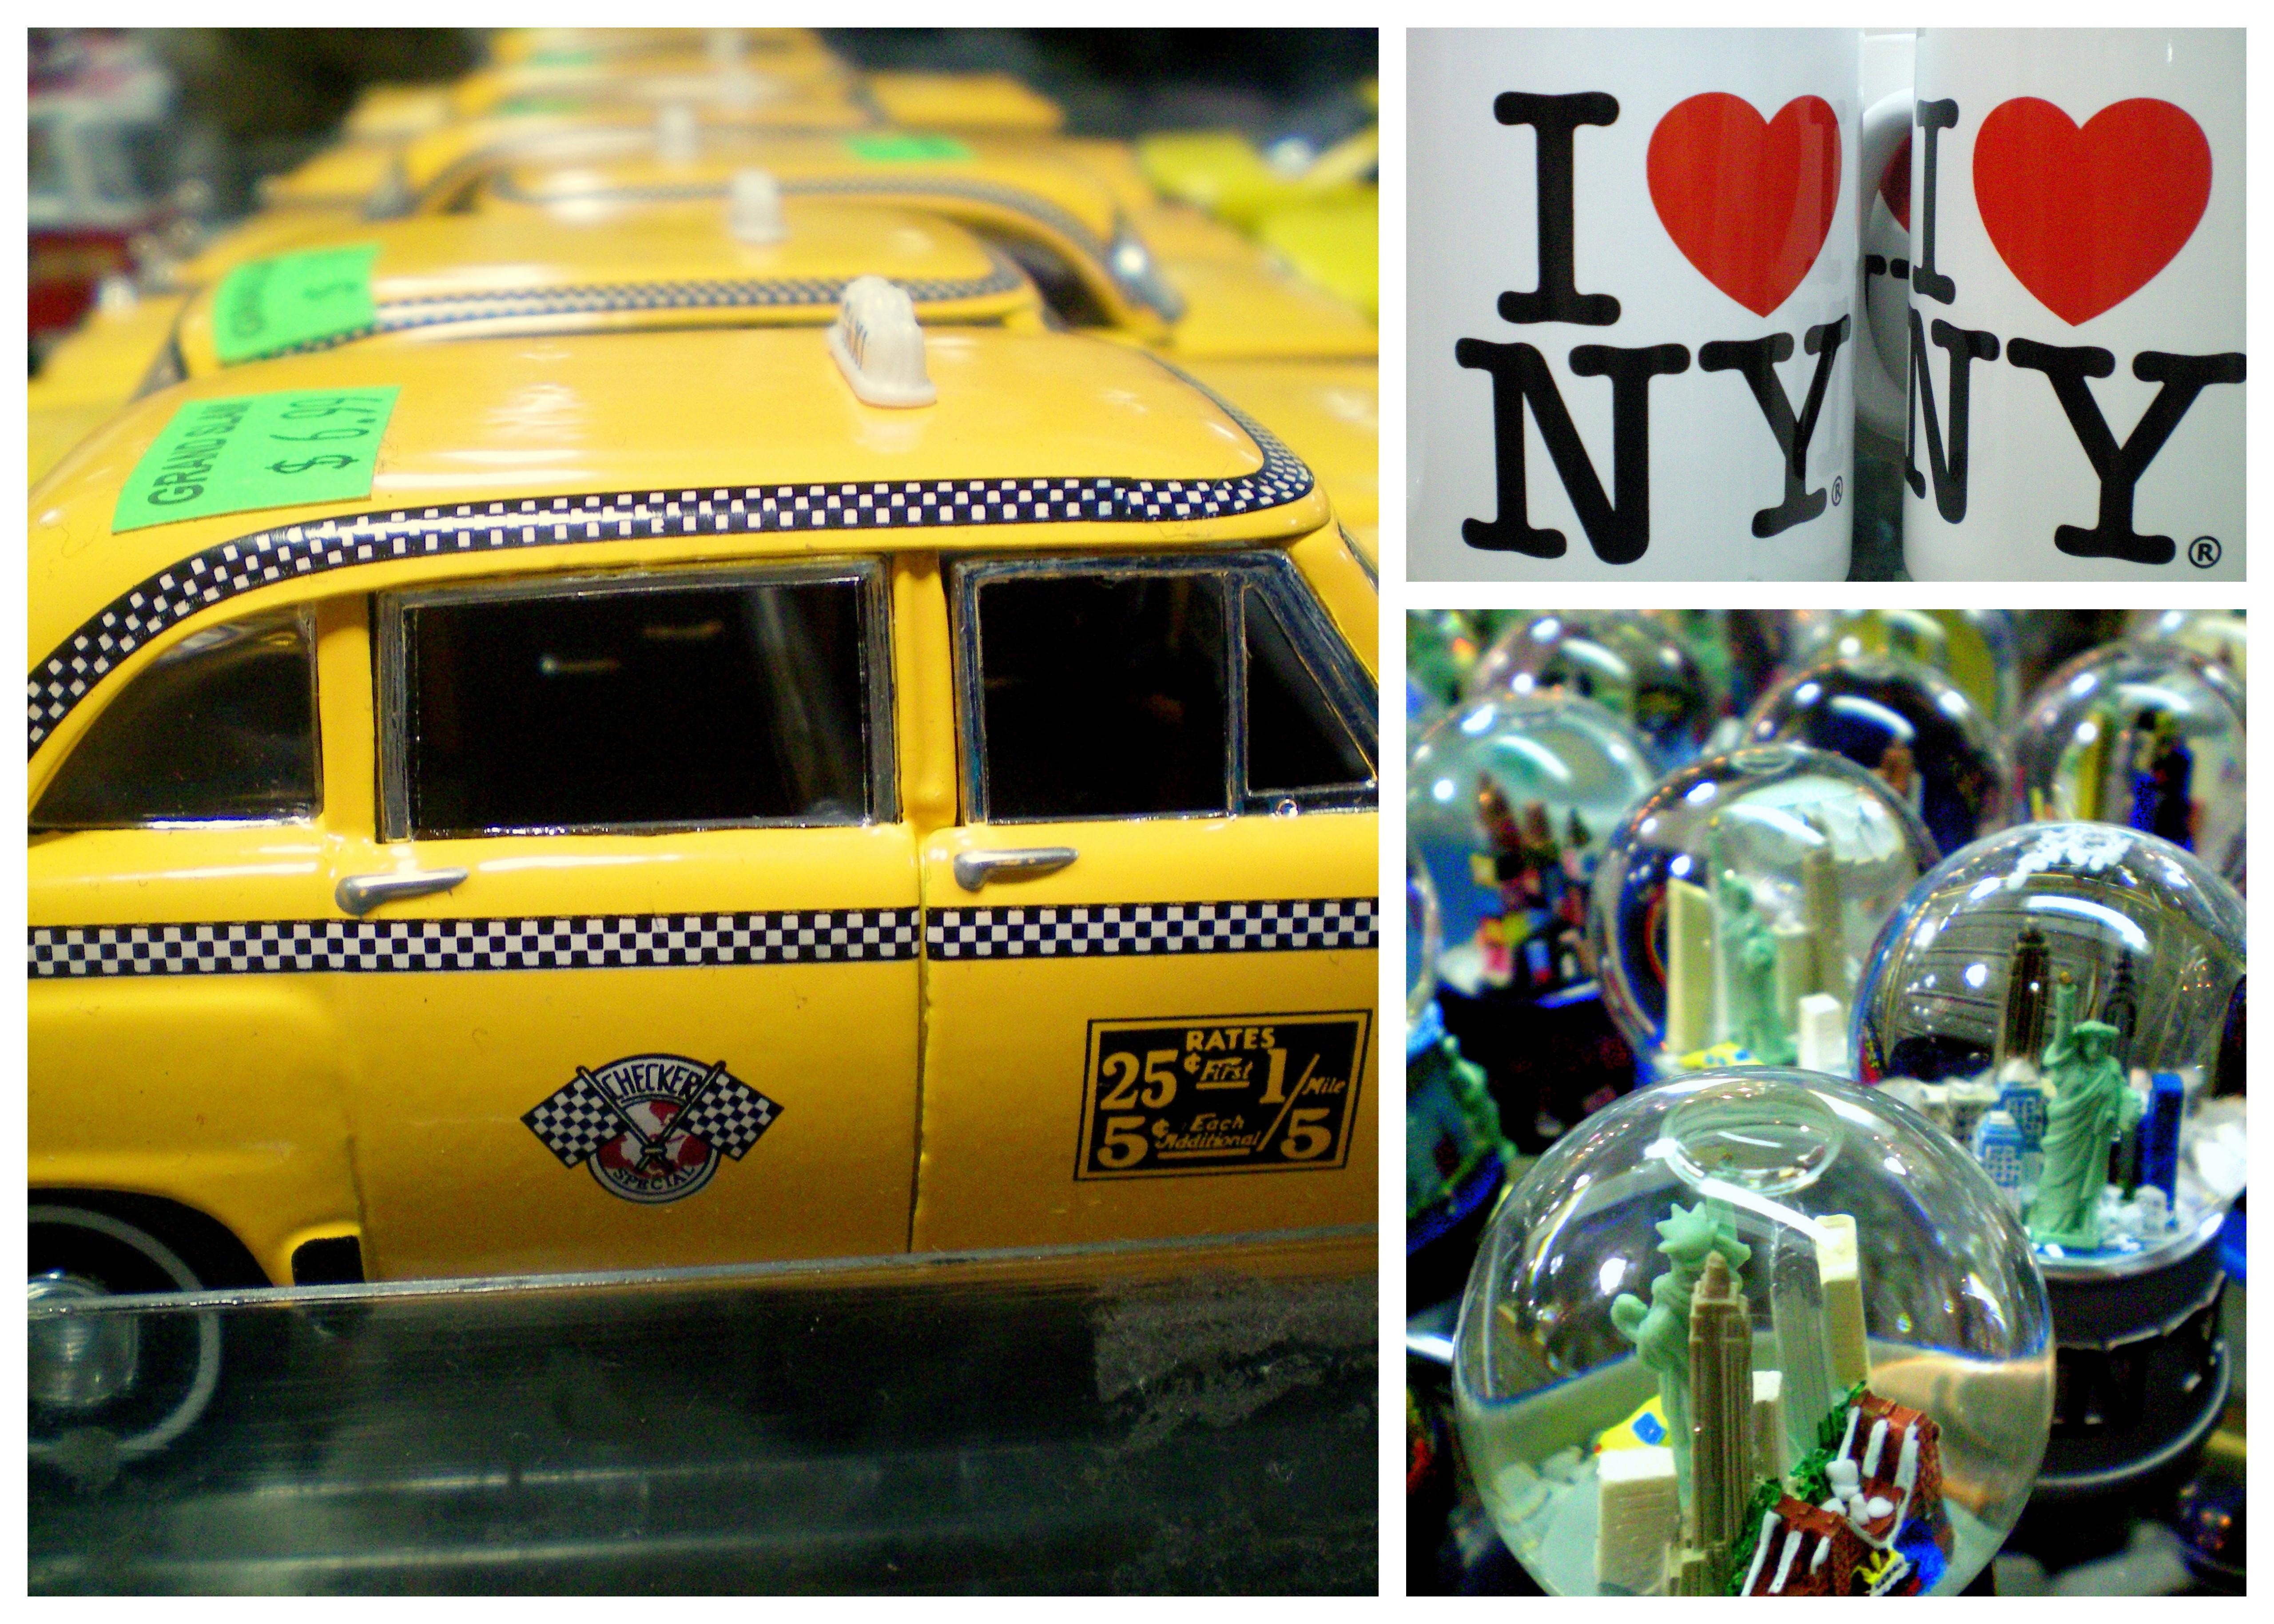 New York City, NY, NYC, I love NY, mug, souvenir, taxi, cab, statue of liberty, snow globe